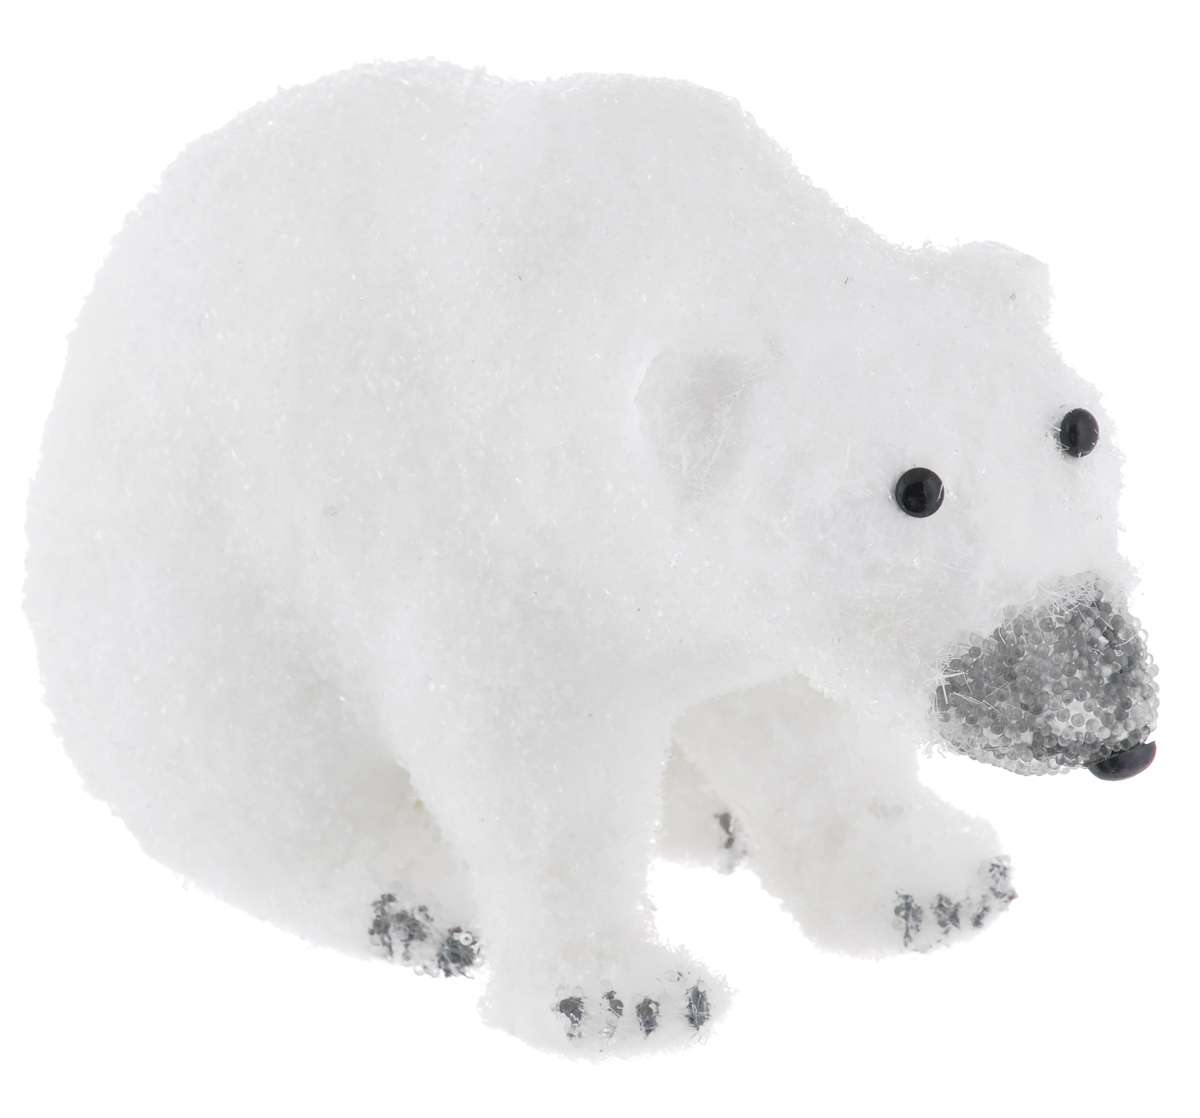 Фигурка декоративная Sima-land Медведь, 23 х 13 х 14 смSL250 503 09Новогодняя декоративная фигурка Sima-land Медведь выполнена в виде медведяиз пенопласта и искусственного волокна, и оформлена пластиковой крошкой.Такая оригинальная фигурка подойдет для оформления новогоднего интерьера и принесет с собой атмосферу радости и веселья, а также станет замечательным подарком для друзей и близких.Материал: пенопласт, искусственное волокно, пластик.